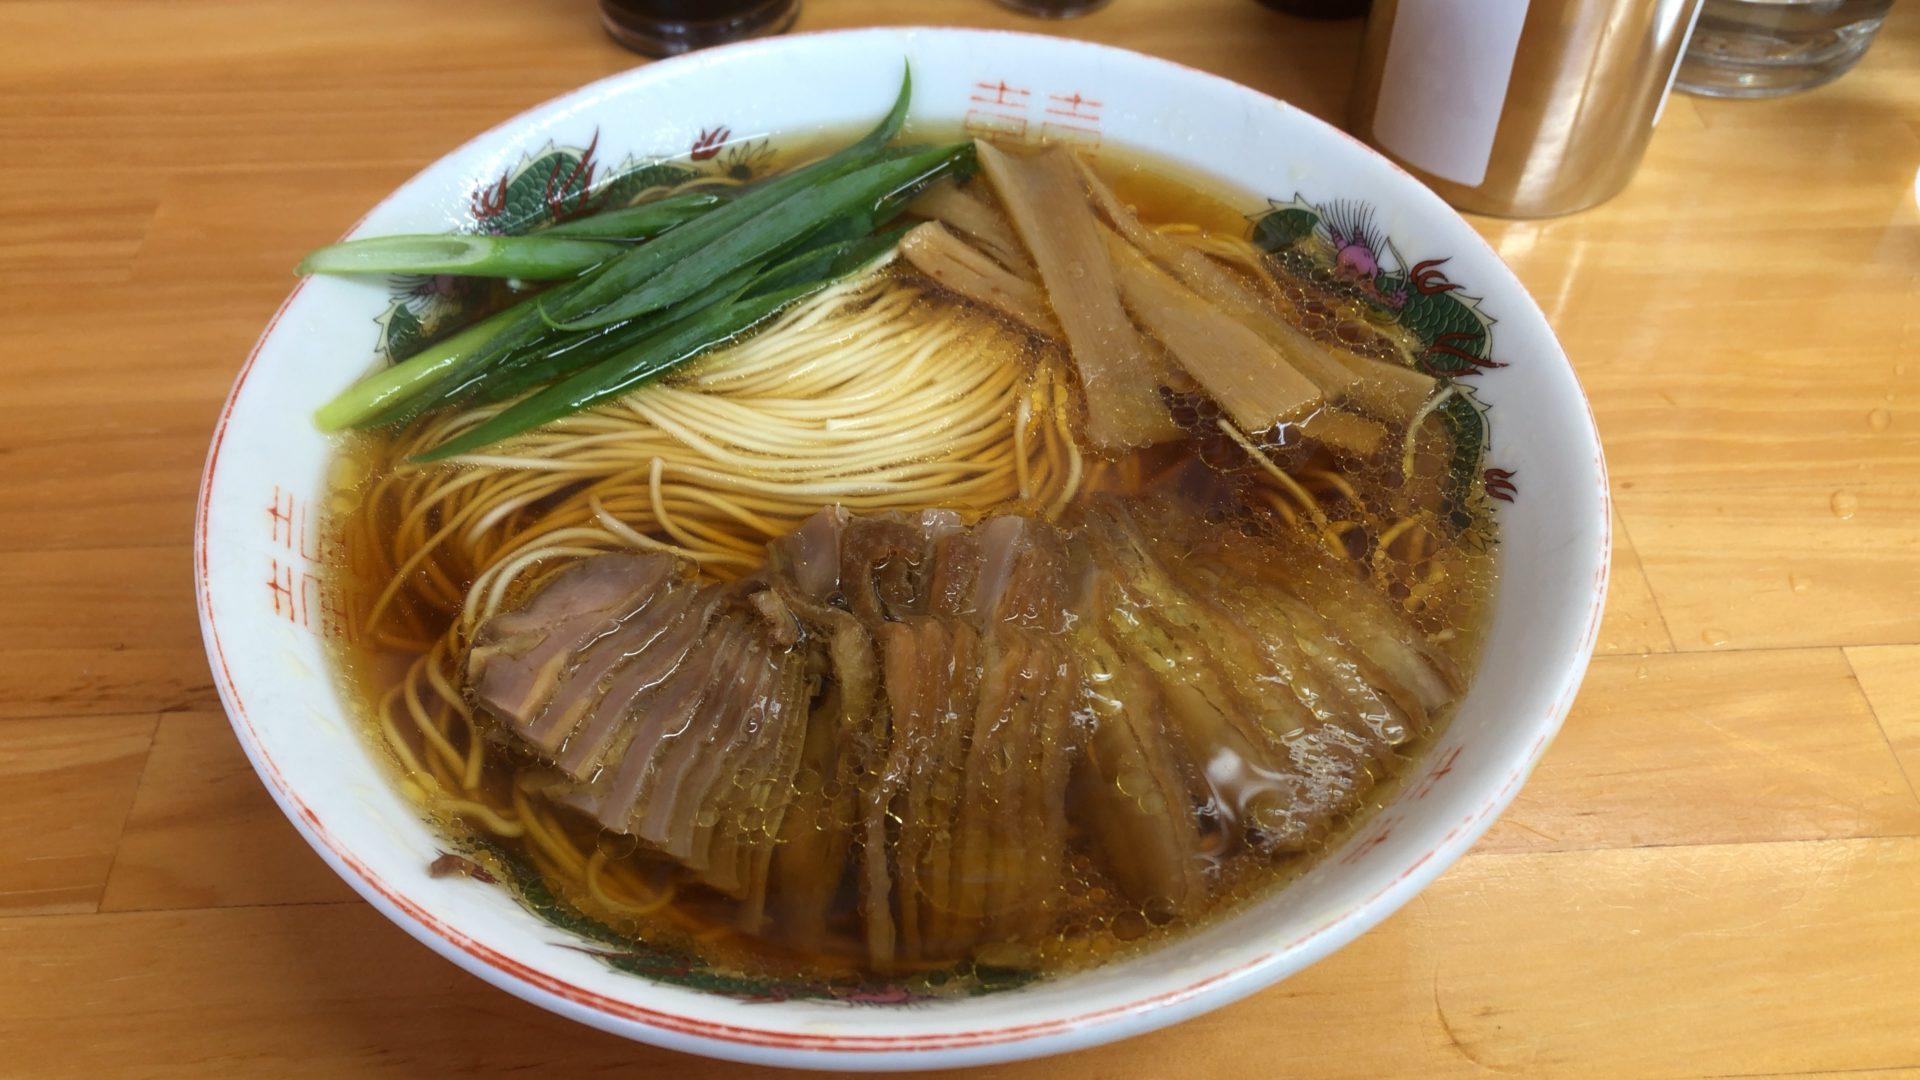 井原市役所すぐ近く 中華そば専門店 笠北で食べた笠岡ラーメンは、庶民的な味の中に深みと美しさがある!